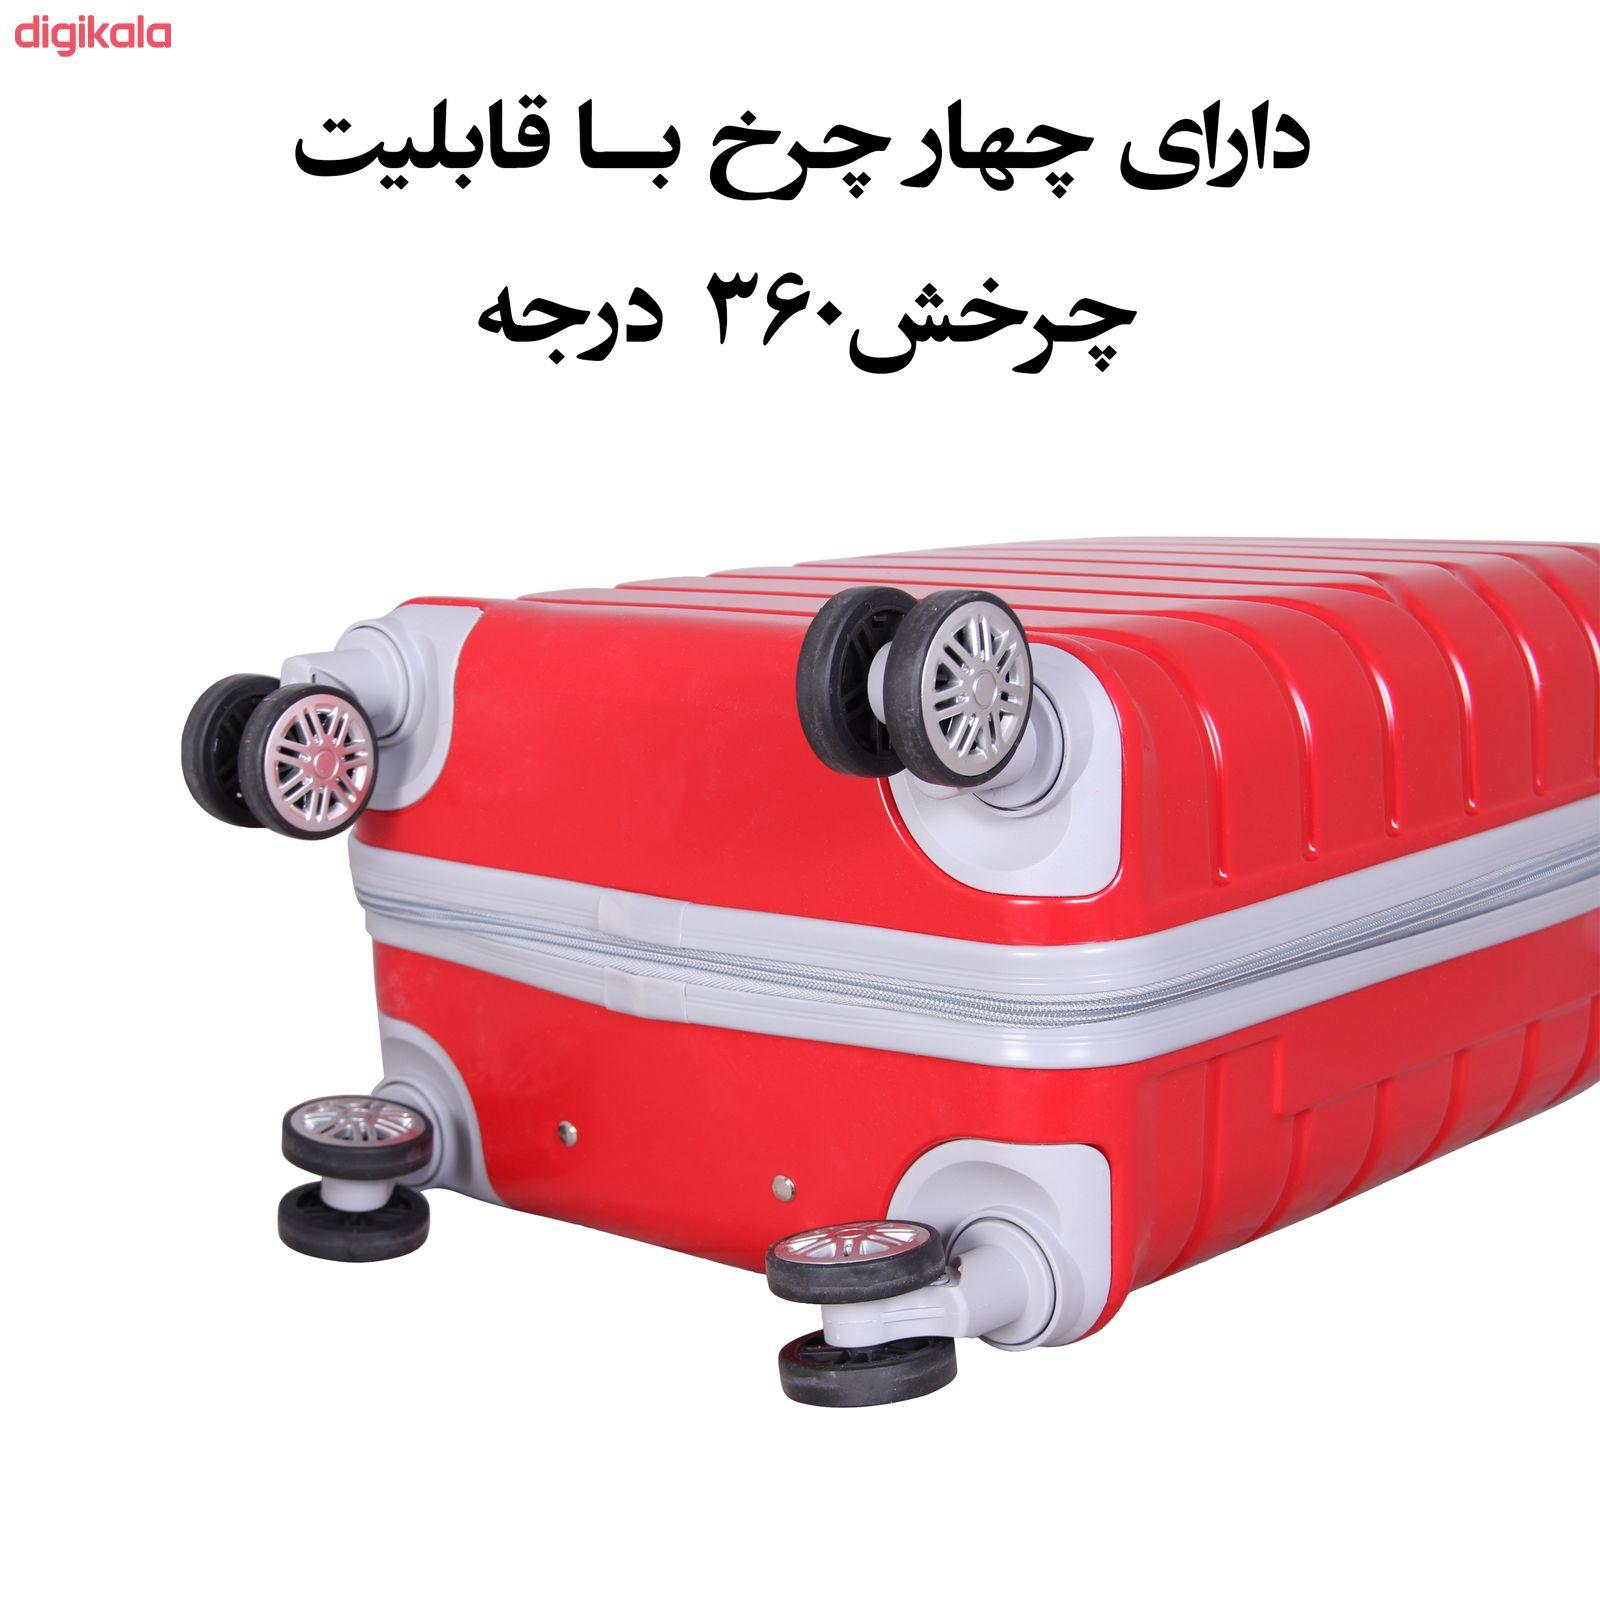 مجموعه سه عددی چمدان مدل 20020 main 1 17